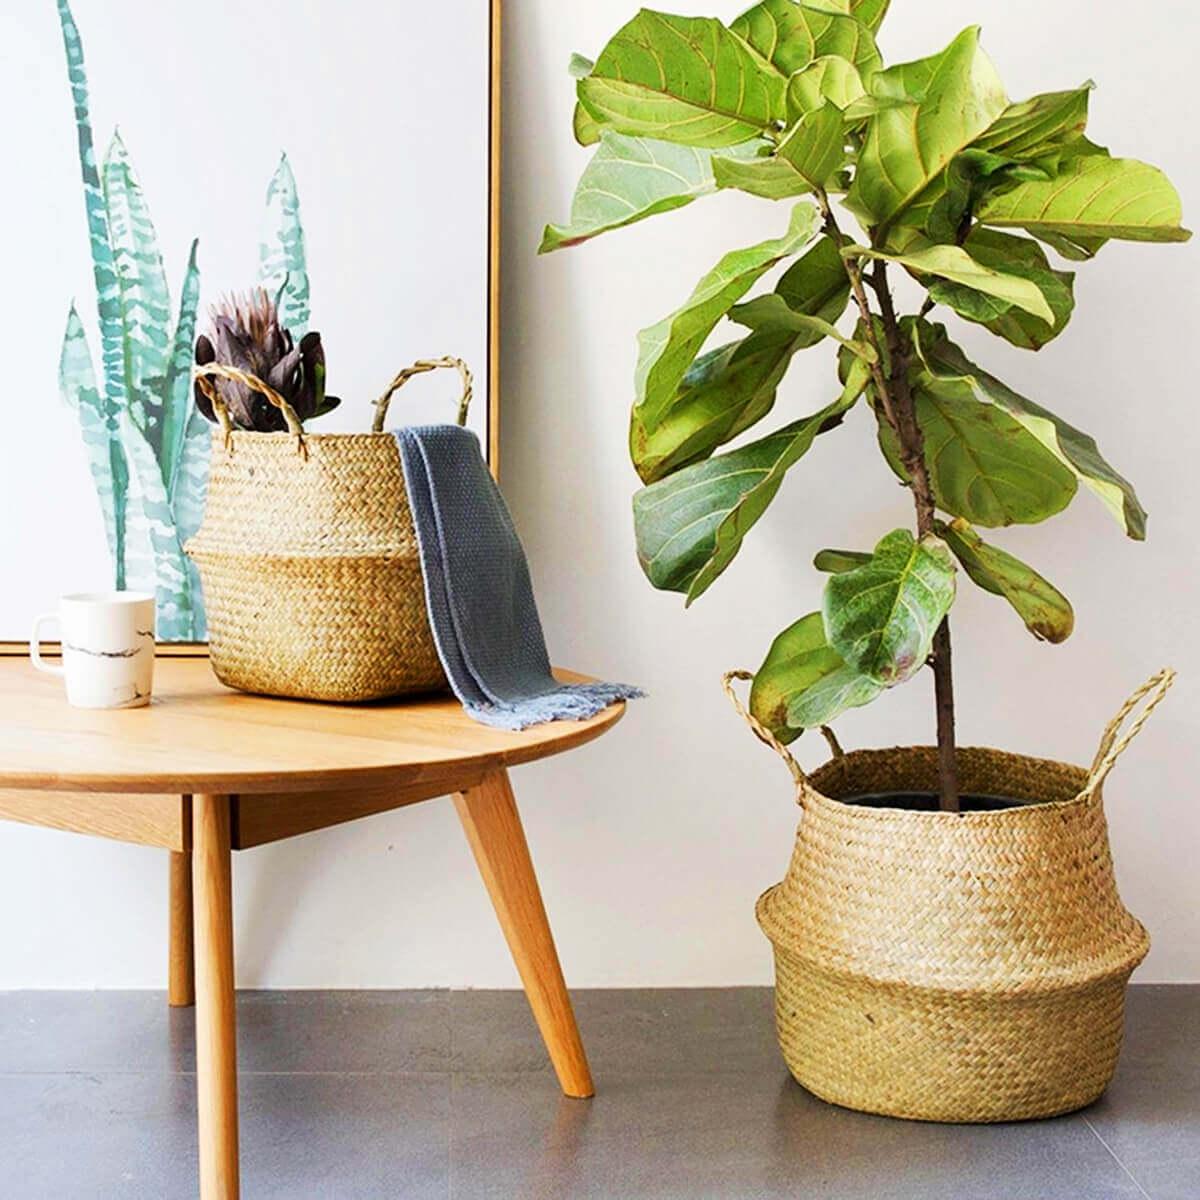 Bolso Tejido Fibras Naturales, ecológico, sostenible, natural, único y respeta el medio ambiente; para plantas o ambientes selectos